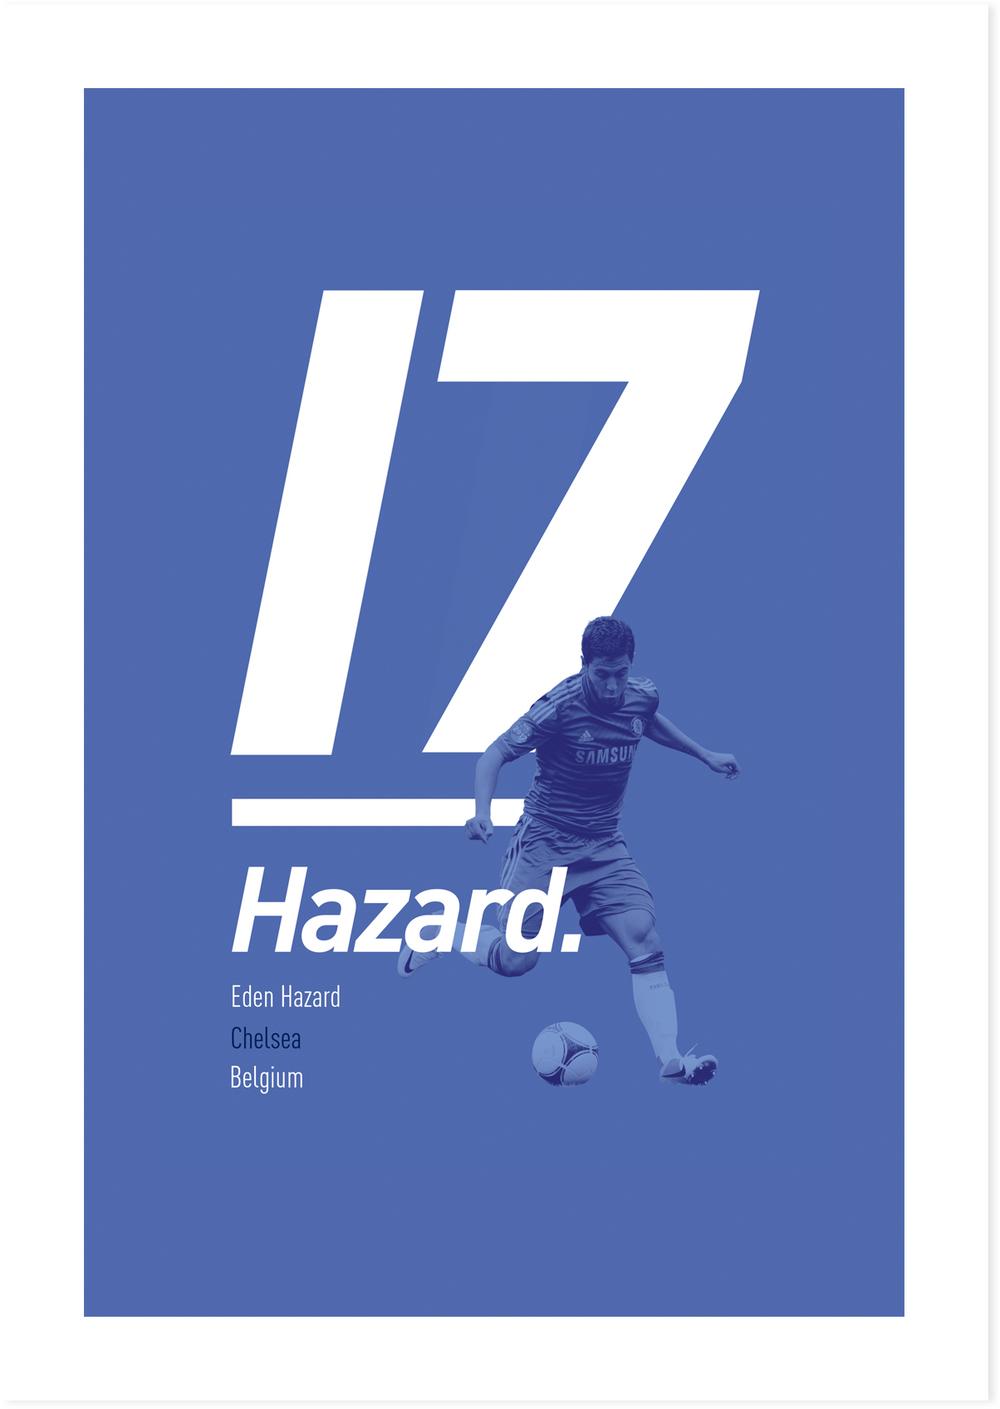 Hazard_web.jpg